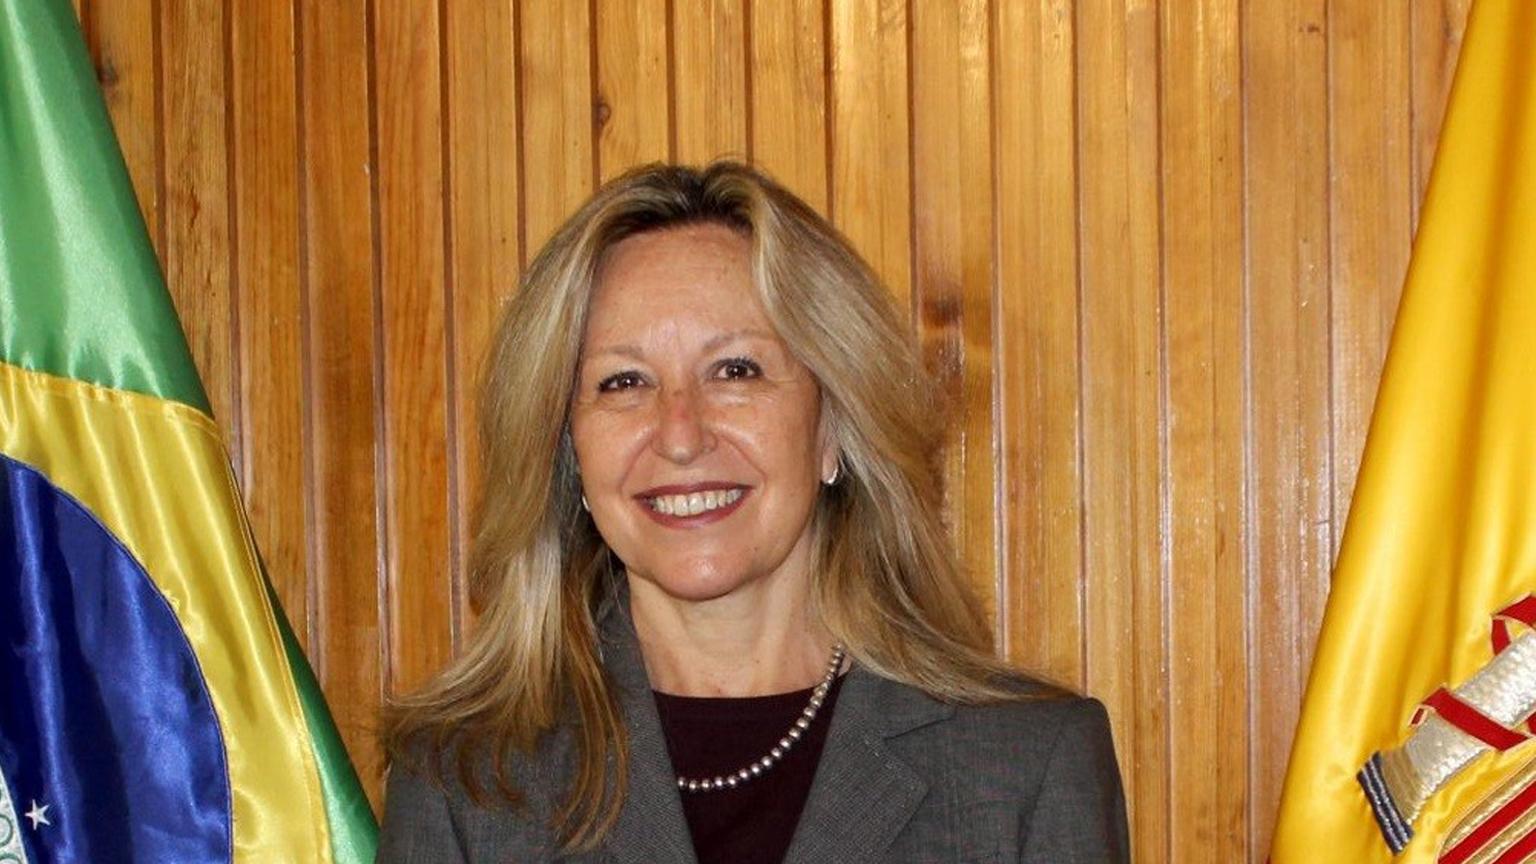 La presidenta de la CCBE os desea un feliz verano